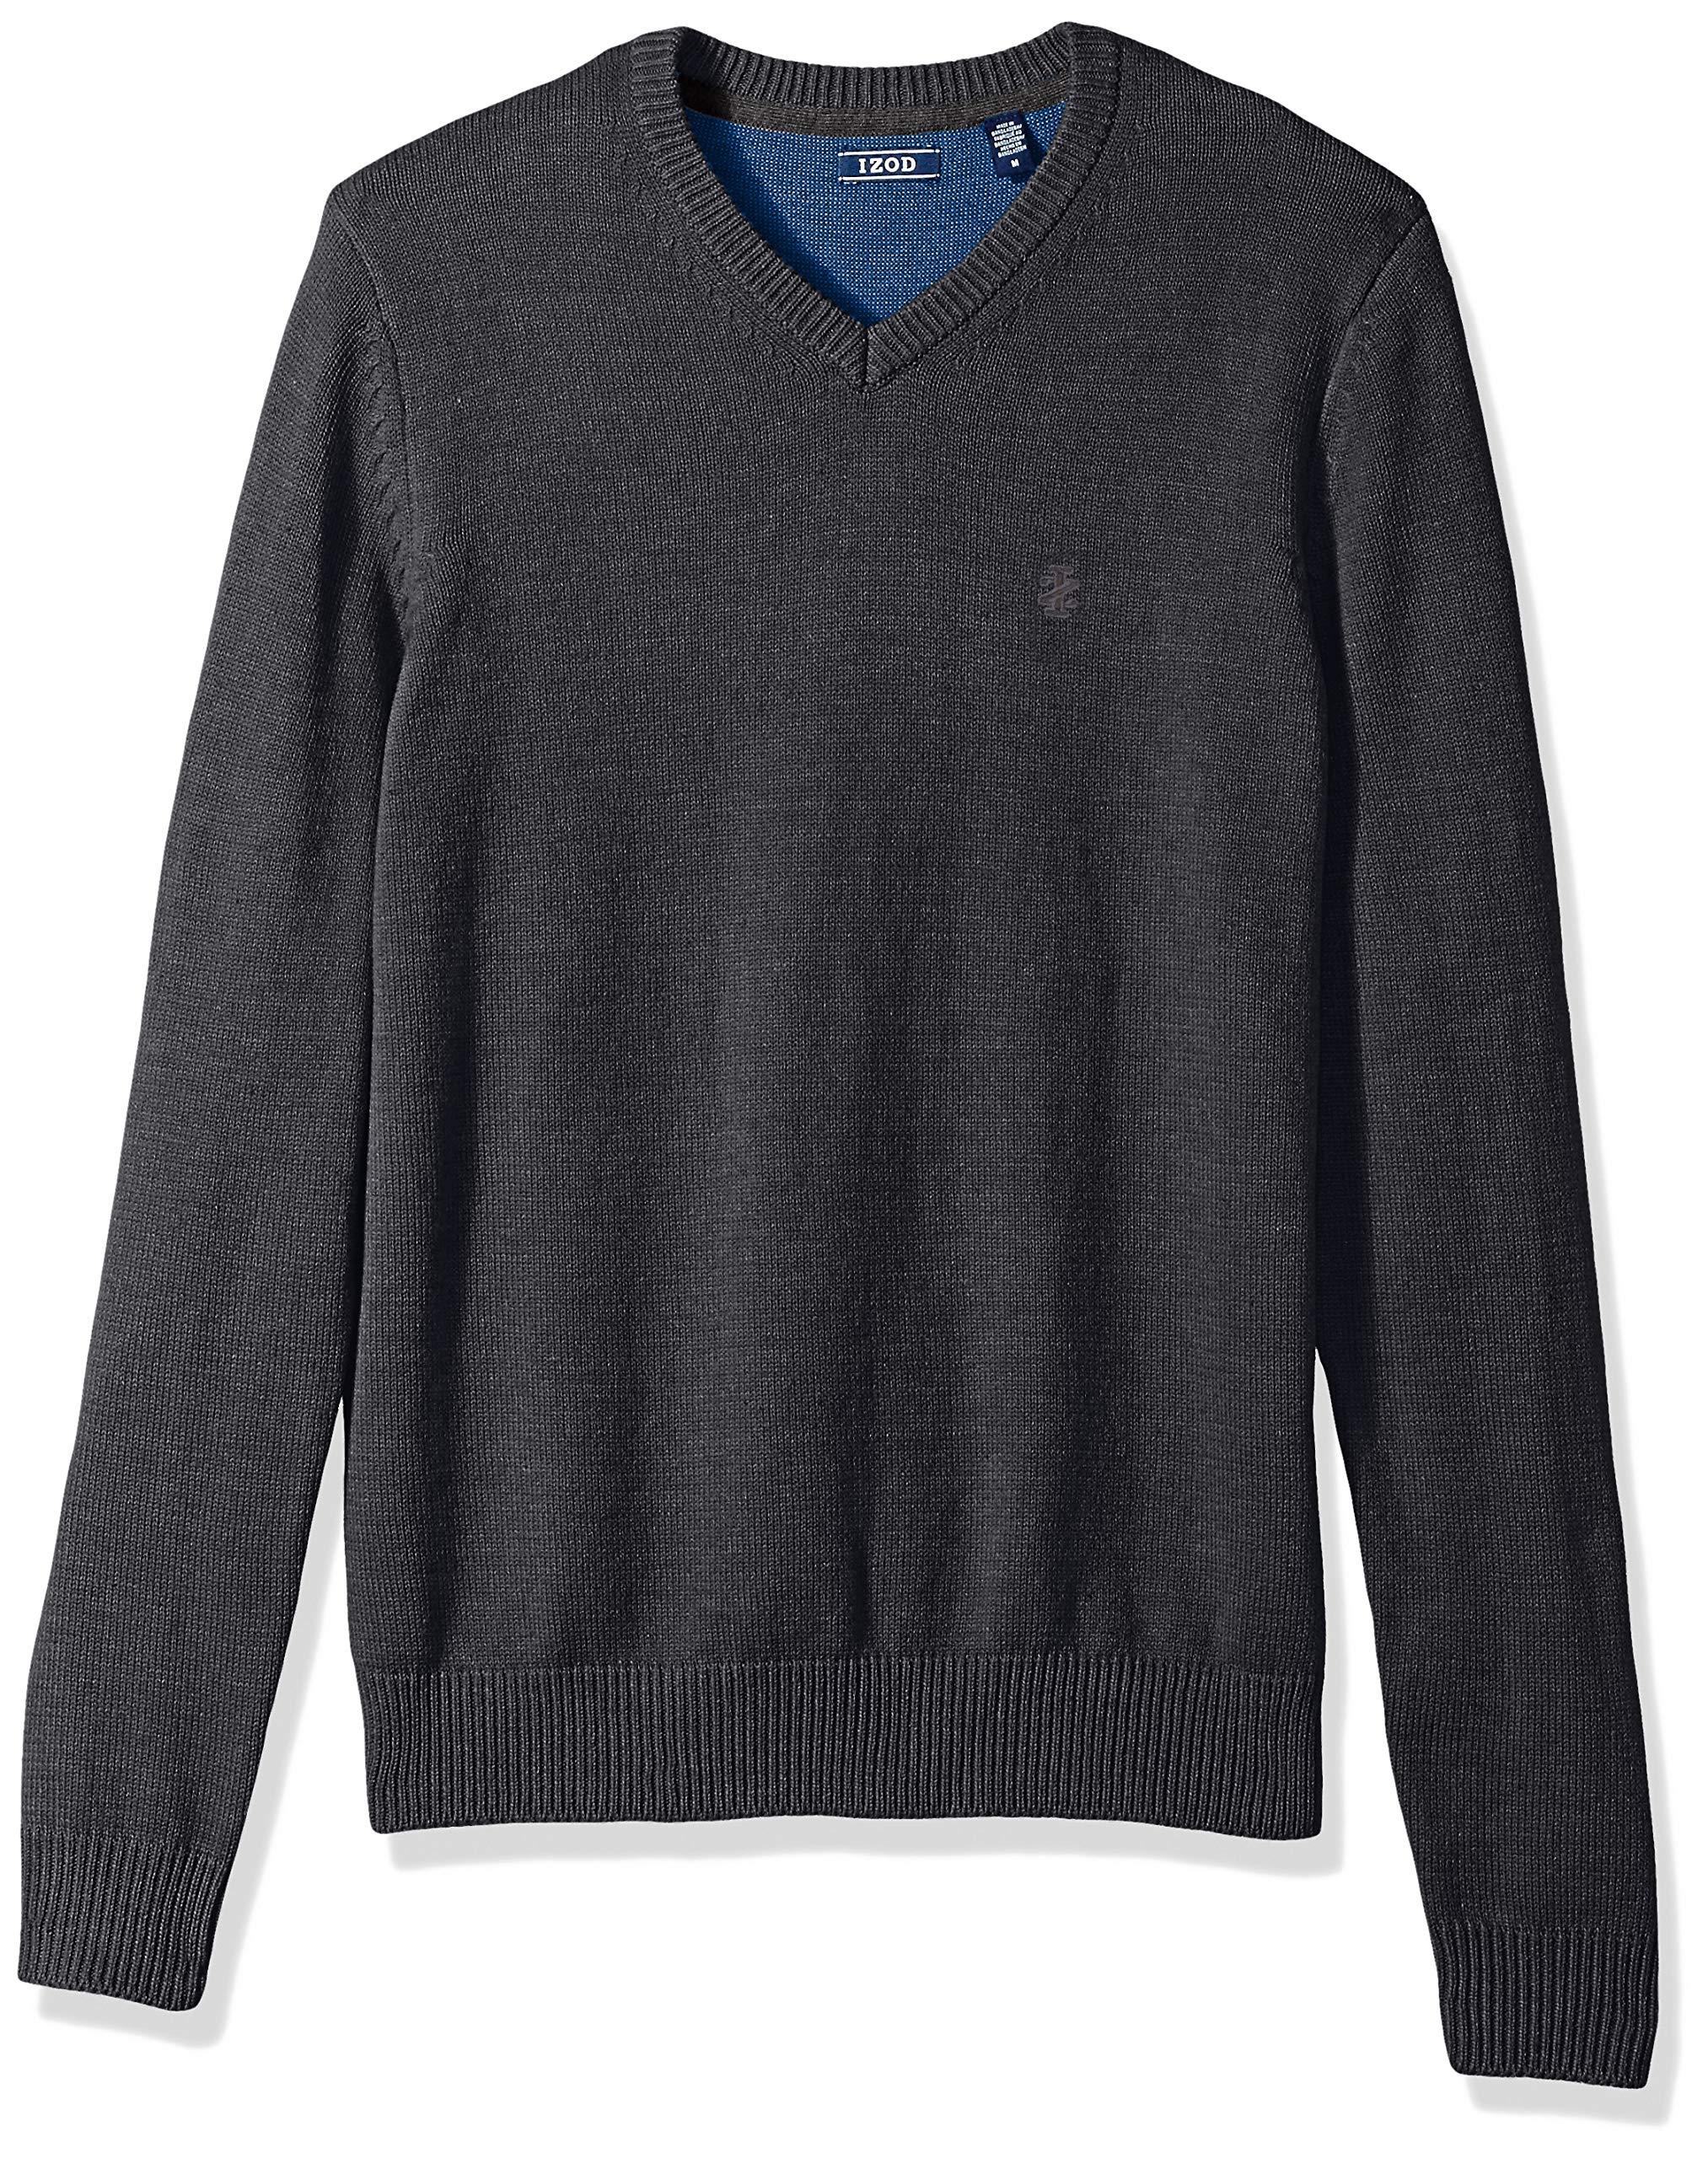 IZOD Men's Premium Essentials Solid V-Neck 7 Gauge Sweater, New Asphault, Medium